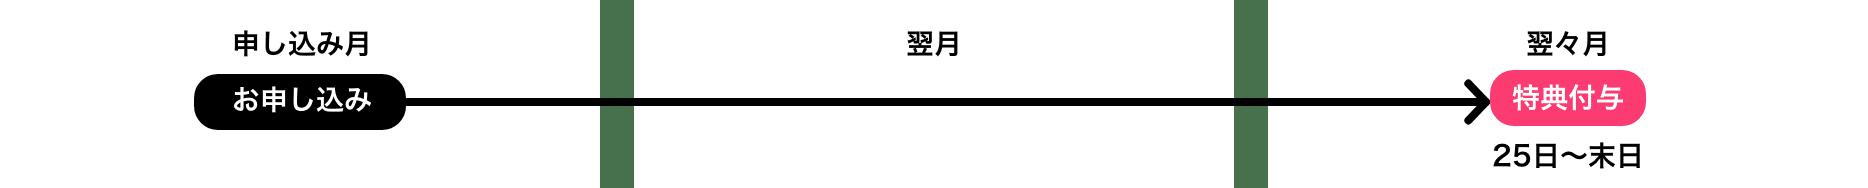 特典の申し込みから翌々月特典付与25日~末日